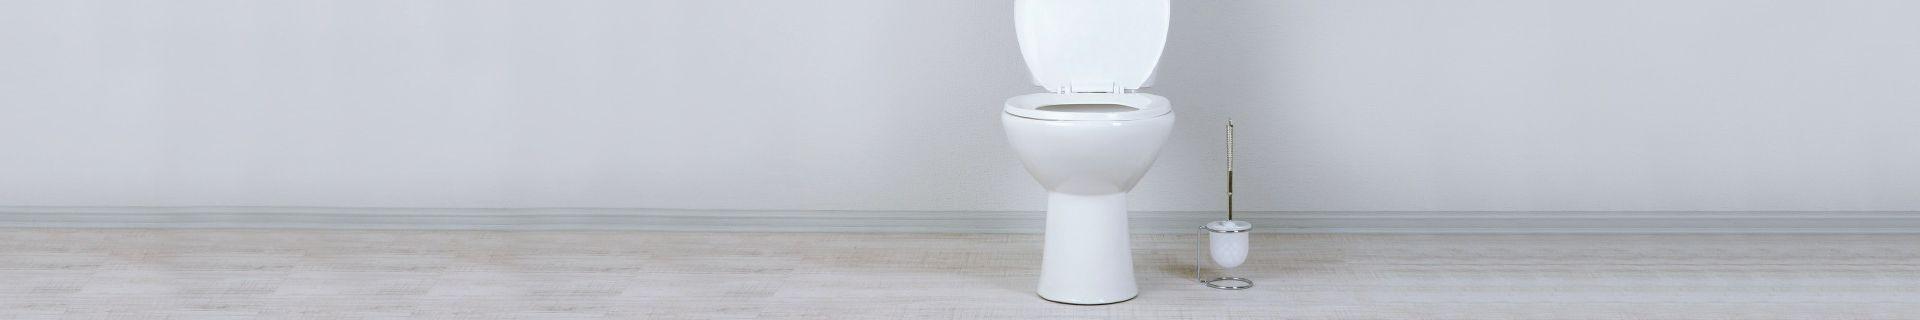 Toilet with toilet brush